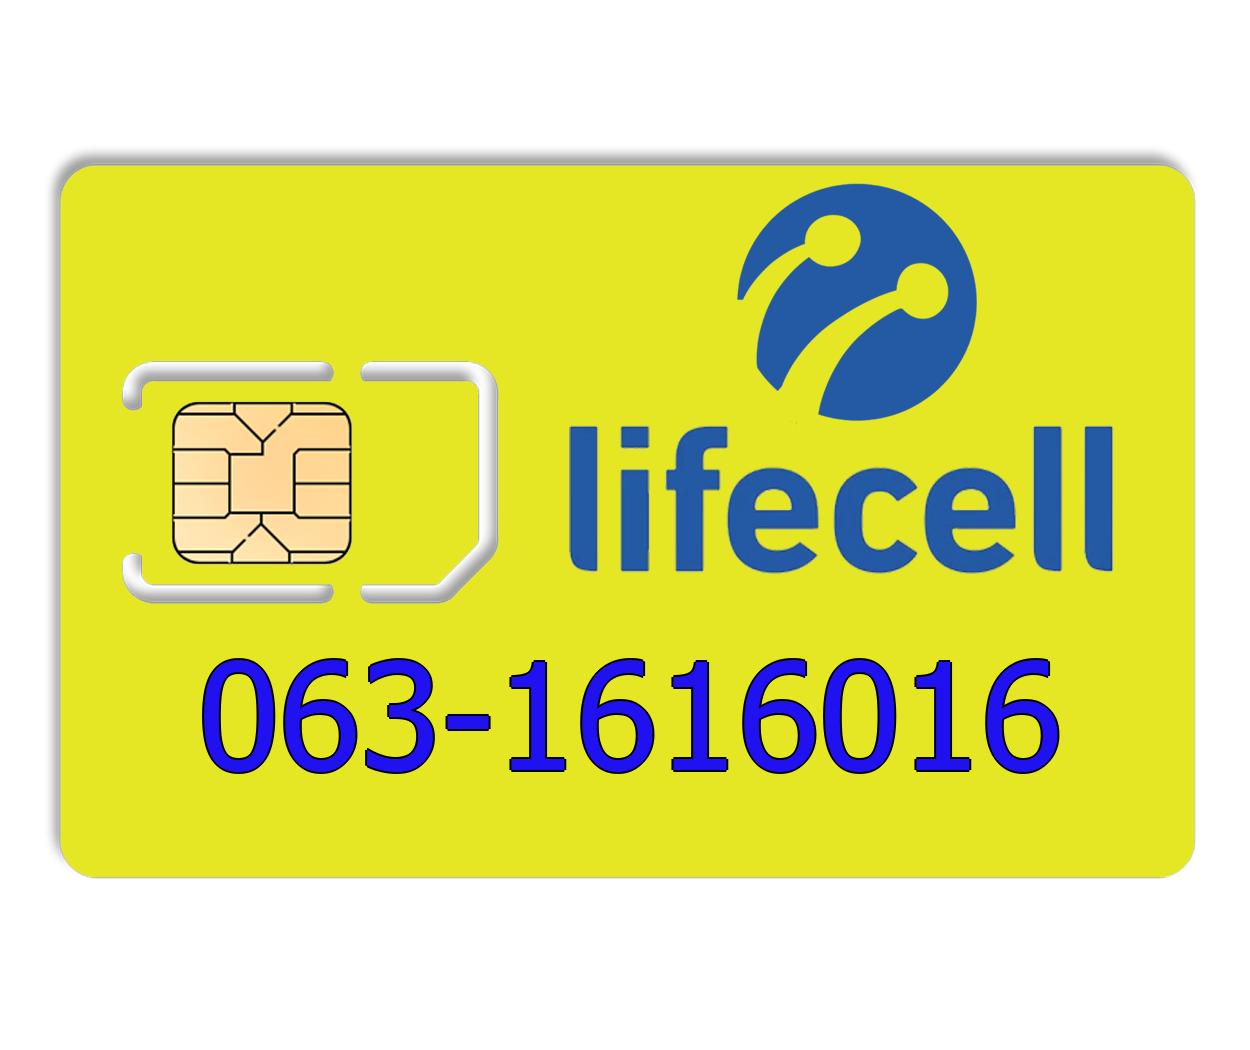 Красивый номер lifecell 063-1616016